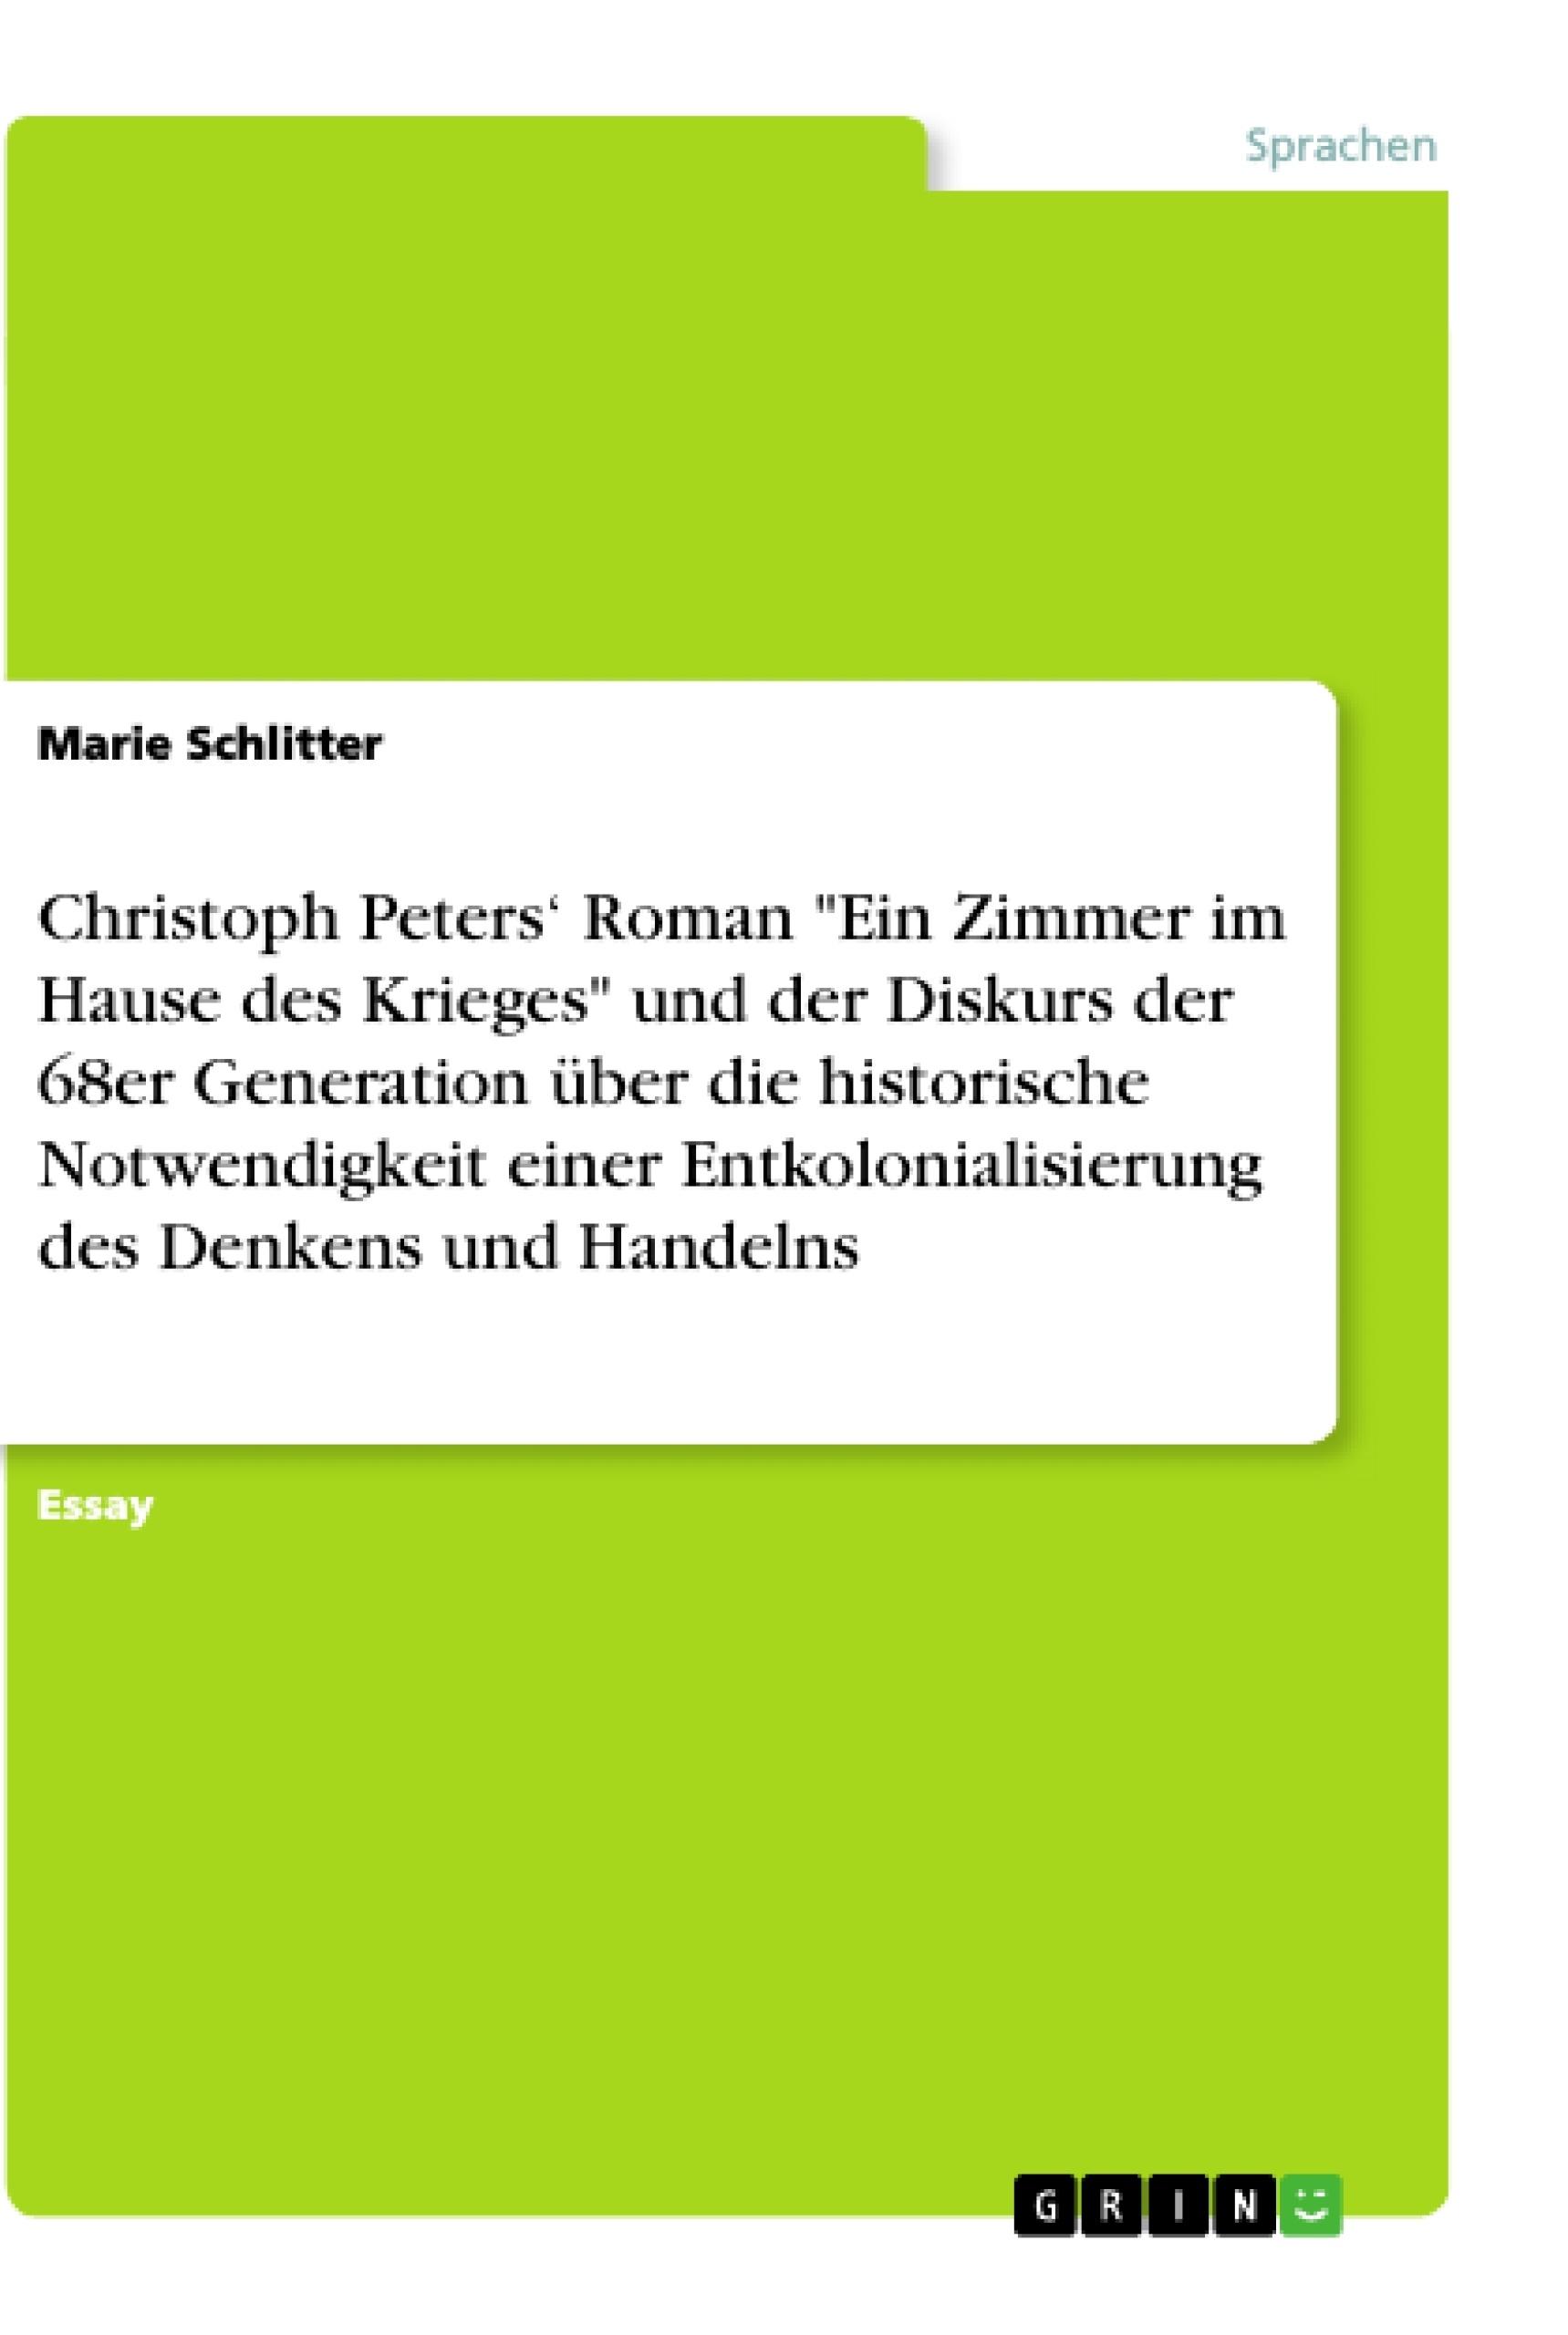 """Titel: Christoph Peters' Roman """"Ein Zimmer im Hause des Krieges"""" und der Diskurs der 68er Generation über die historische Notwendigkeit einer Entkolonialisierung des Denkens und Handelns"""